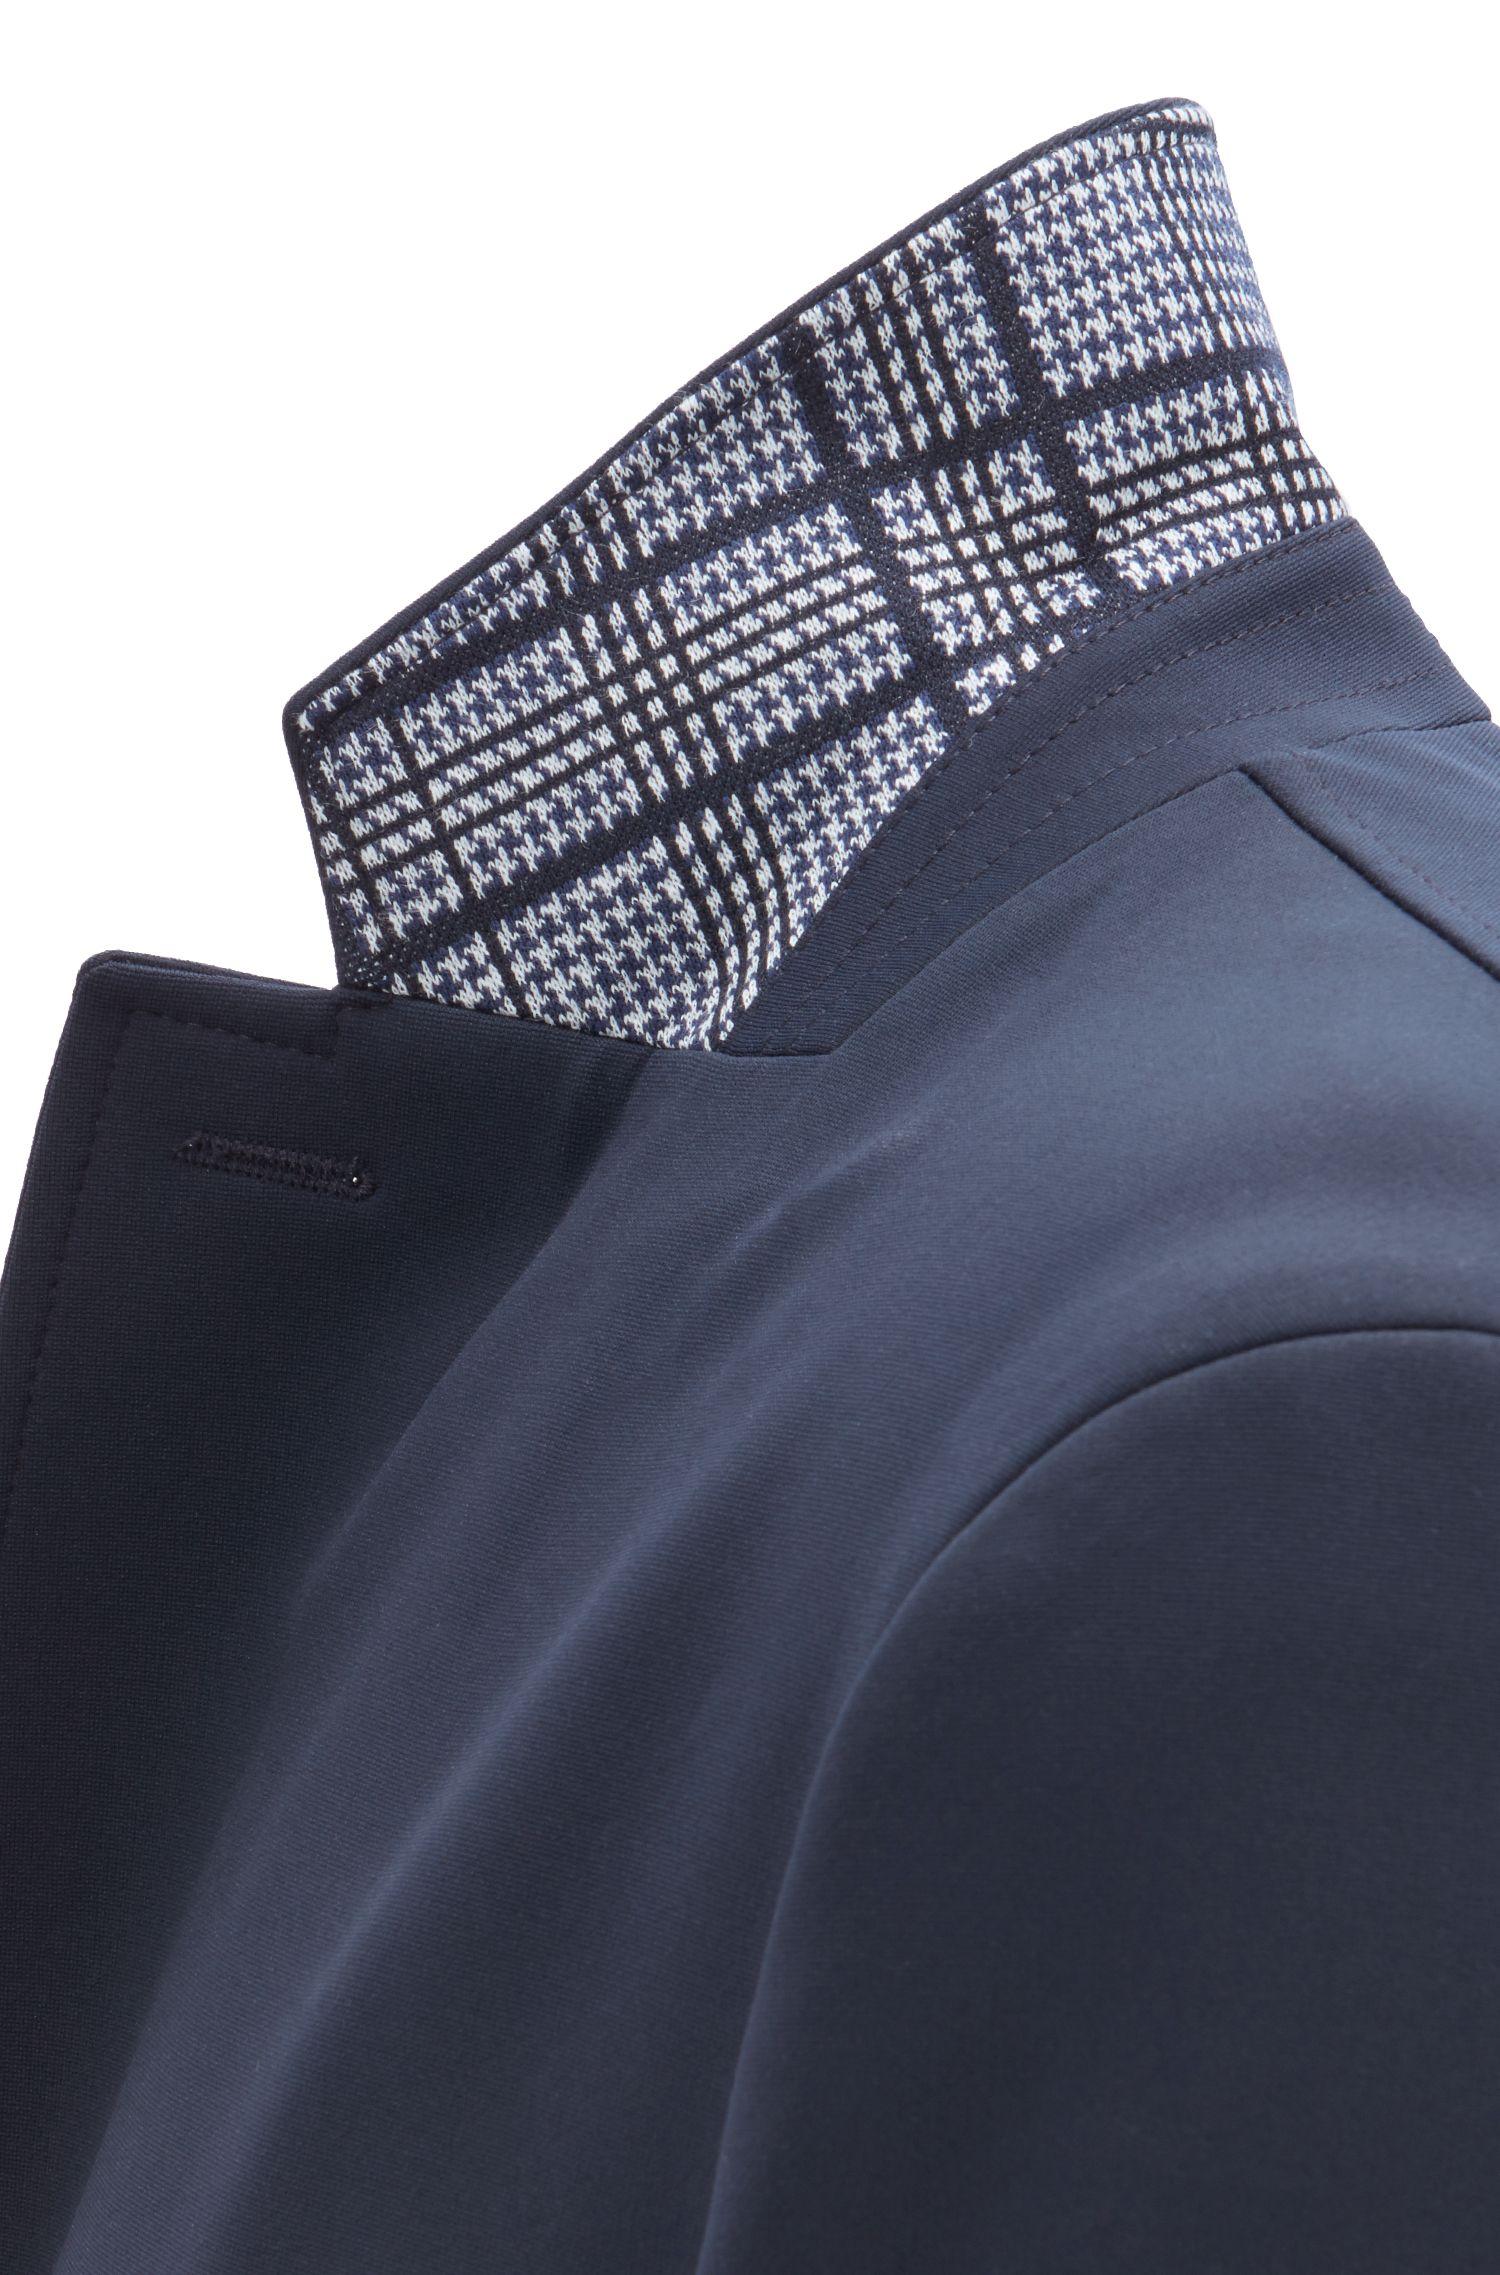 Hugo Boss - Slim-Fit Mantel mit karierter Kragenunterseite - 5